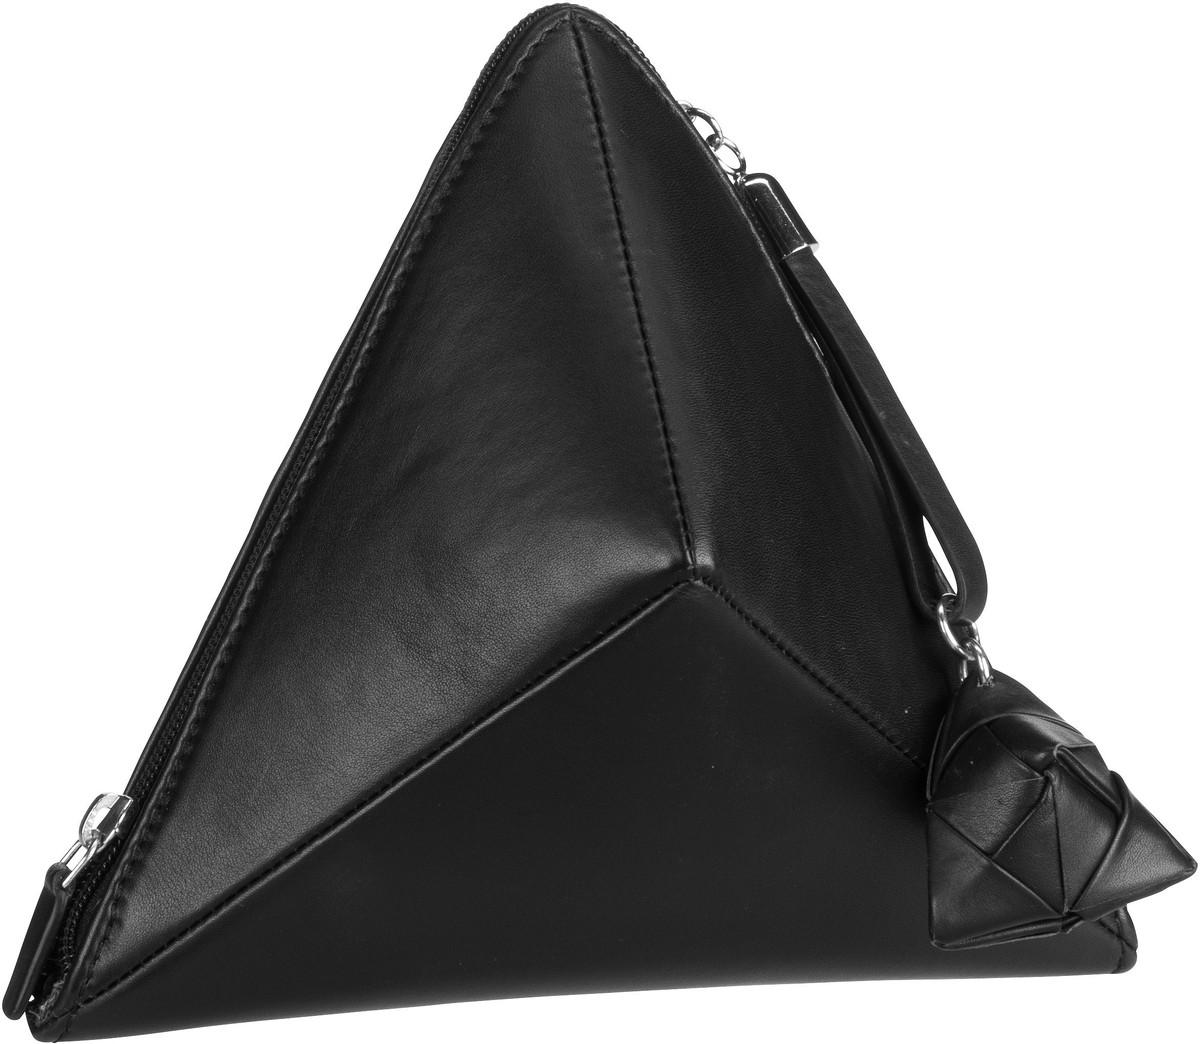 Handtasche Alice Sara Ott 6007 Clutch 2 Schwarz